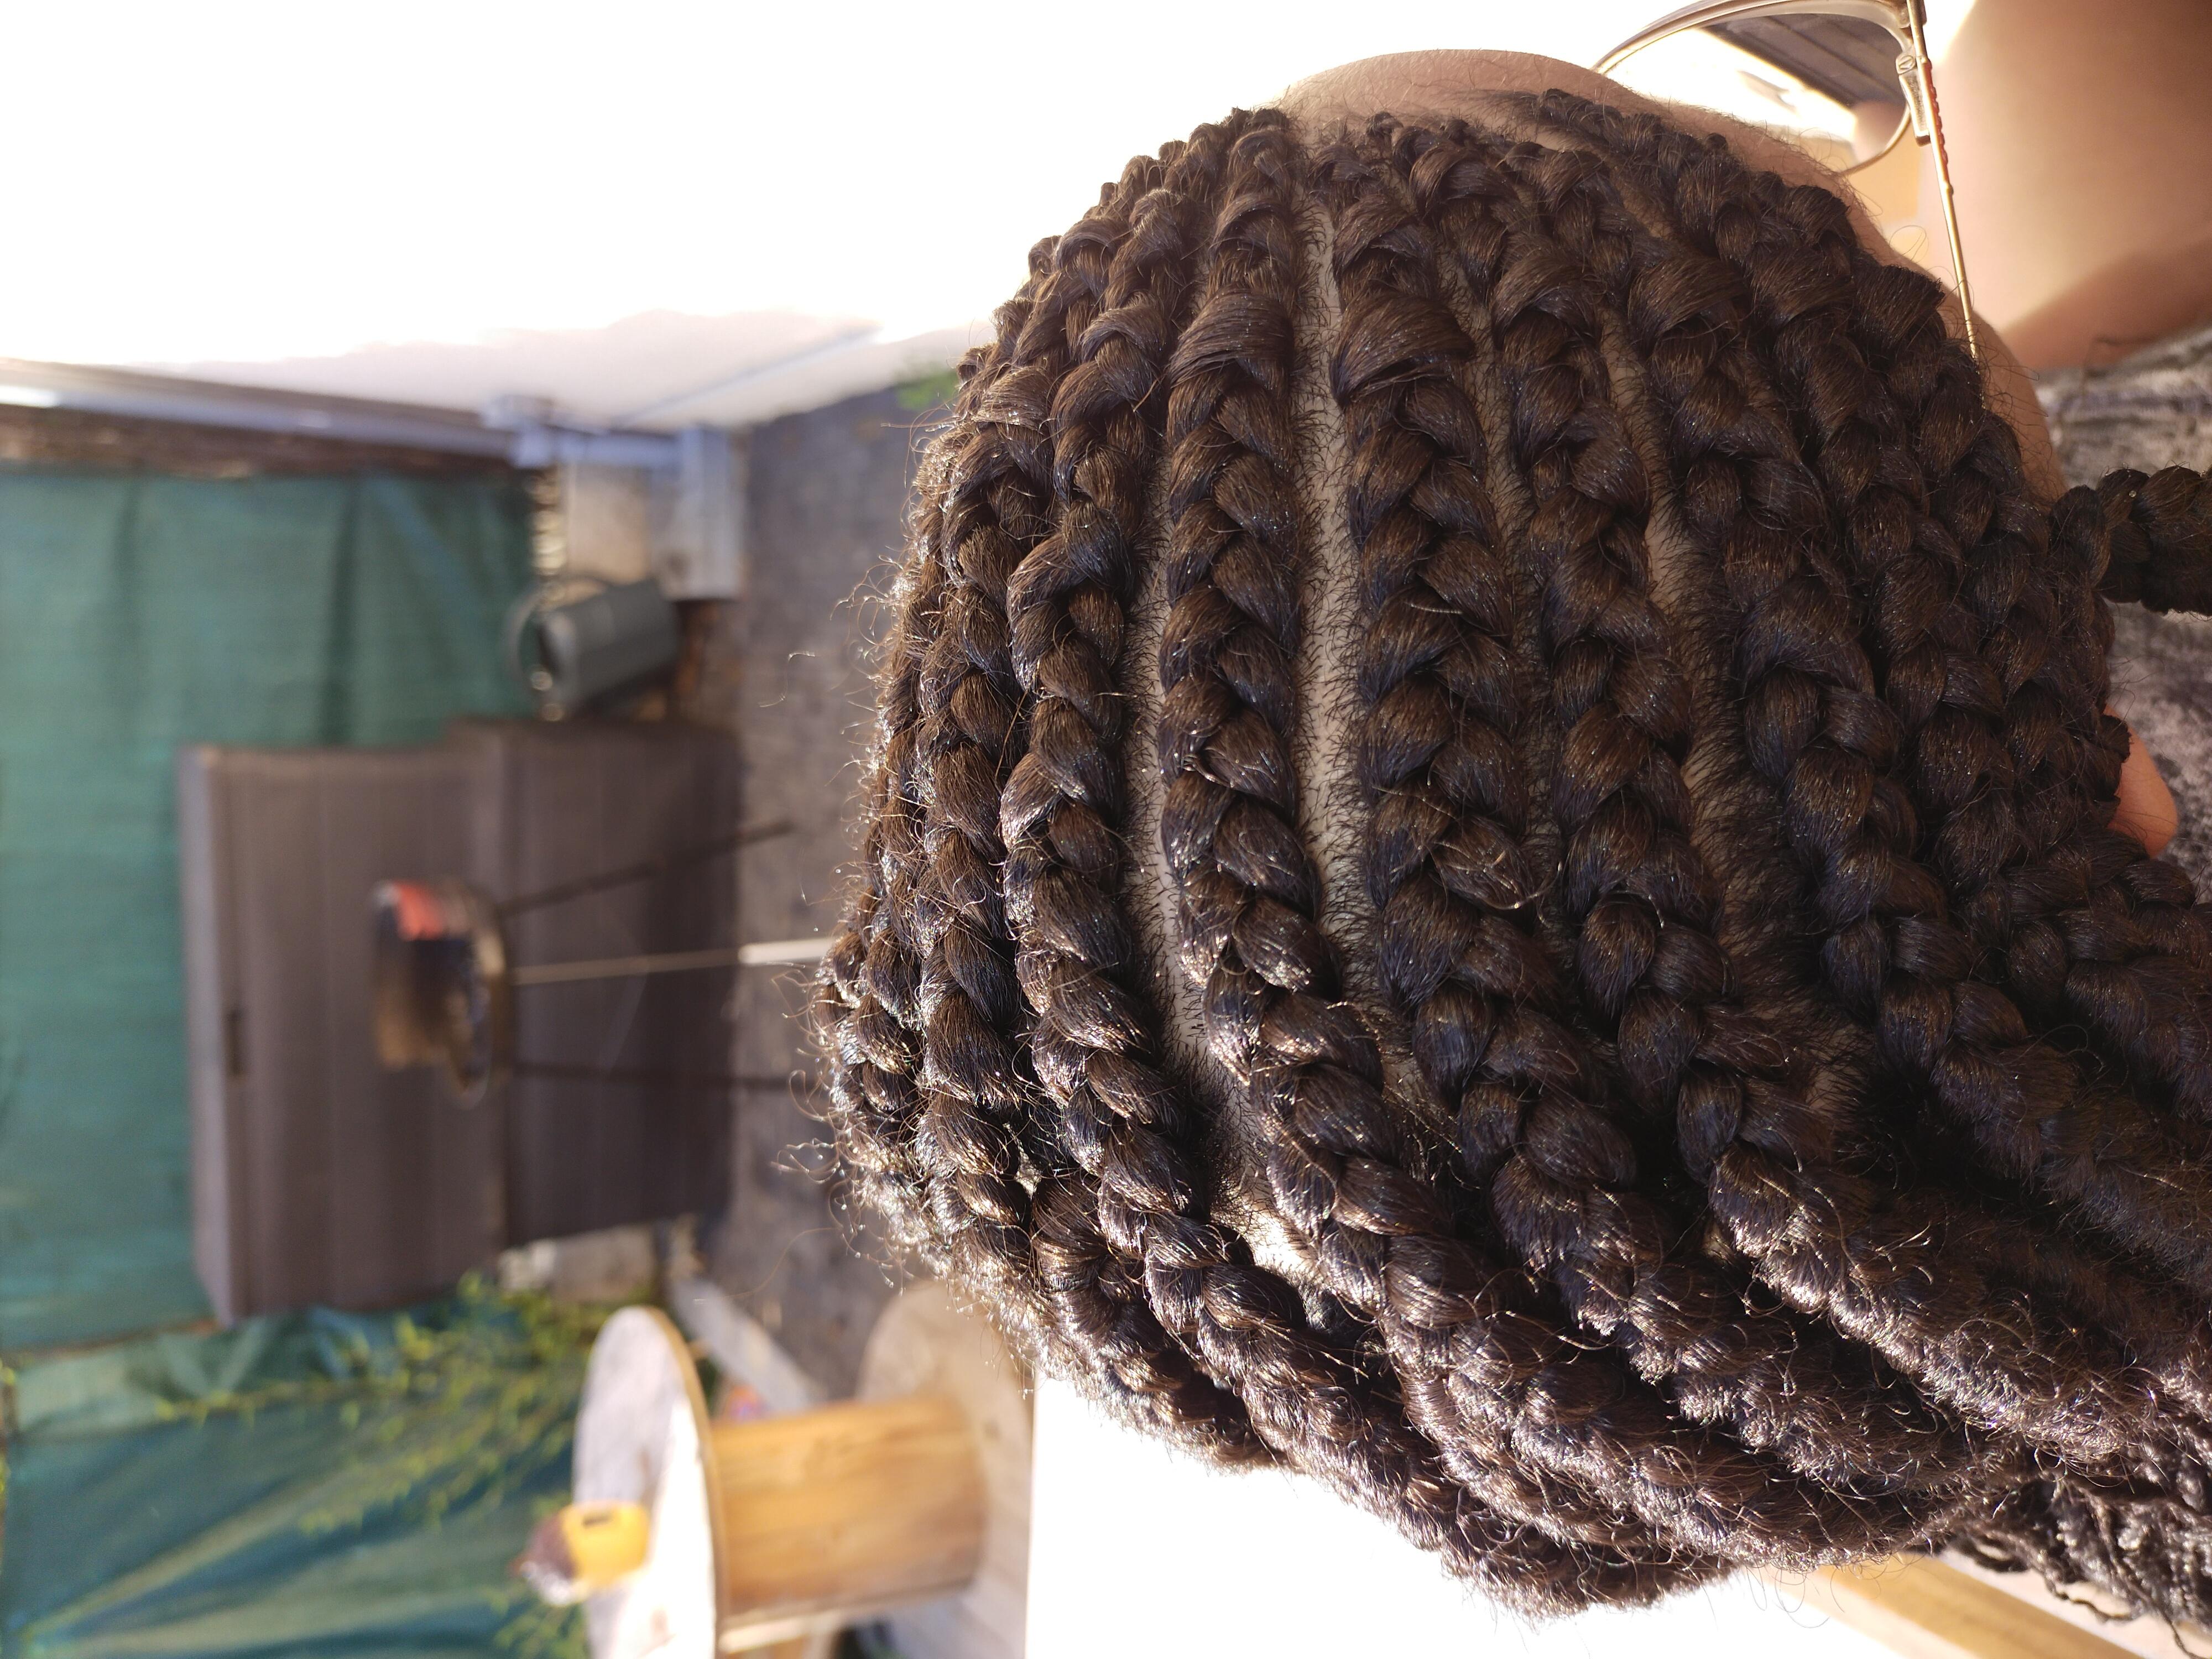 salon de coiffure afro tresse tresses box braids crochet braids vanilles tissages paris 75 77 78 91 92 93 94 95 YYPUGSTB